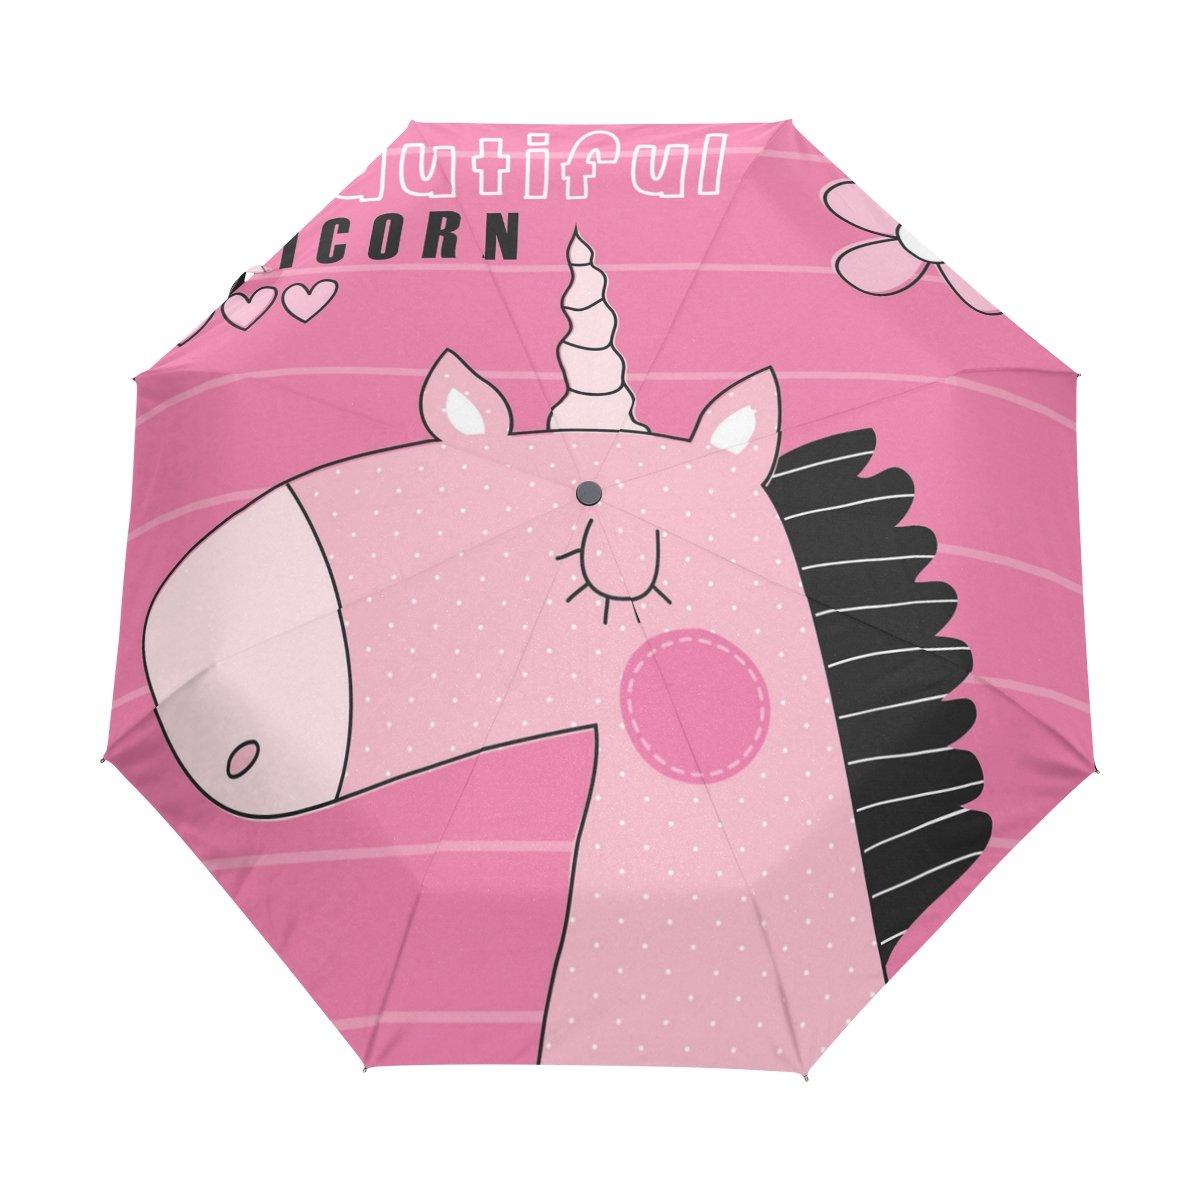 Senya Saobao防風と防雨トラベル傘with自動開いて閉じFolding美しいユニコーンベクトル図ポータブル折りたたみ式太陽雨傘 B07FDY8H6M